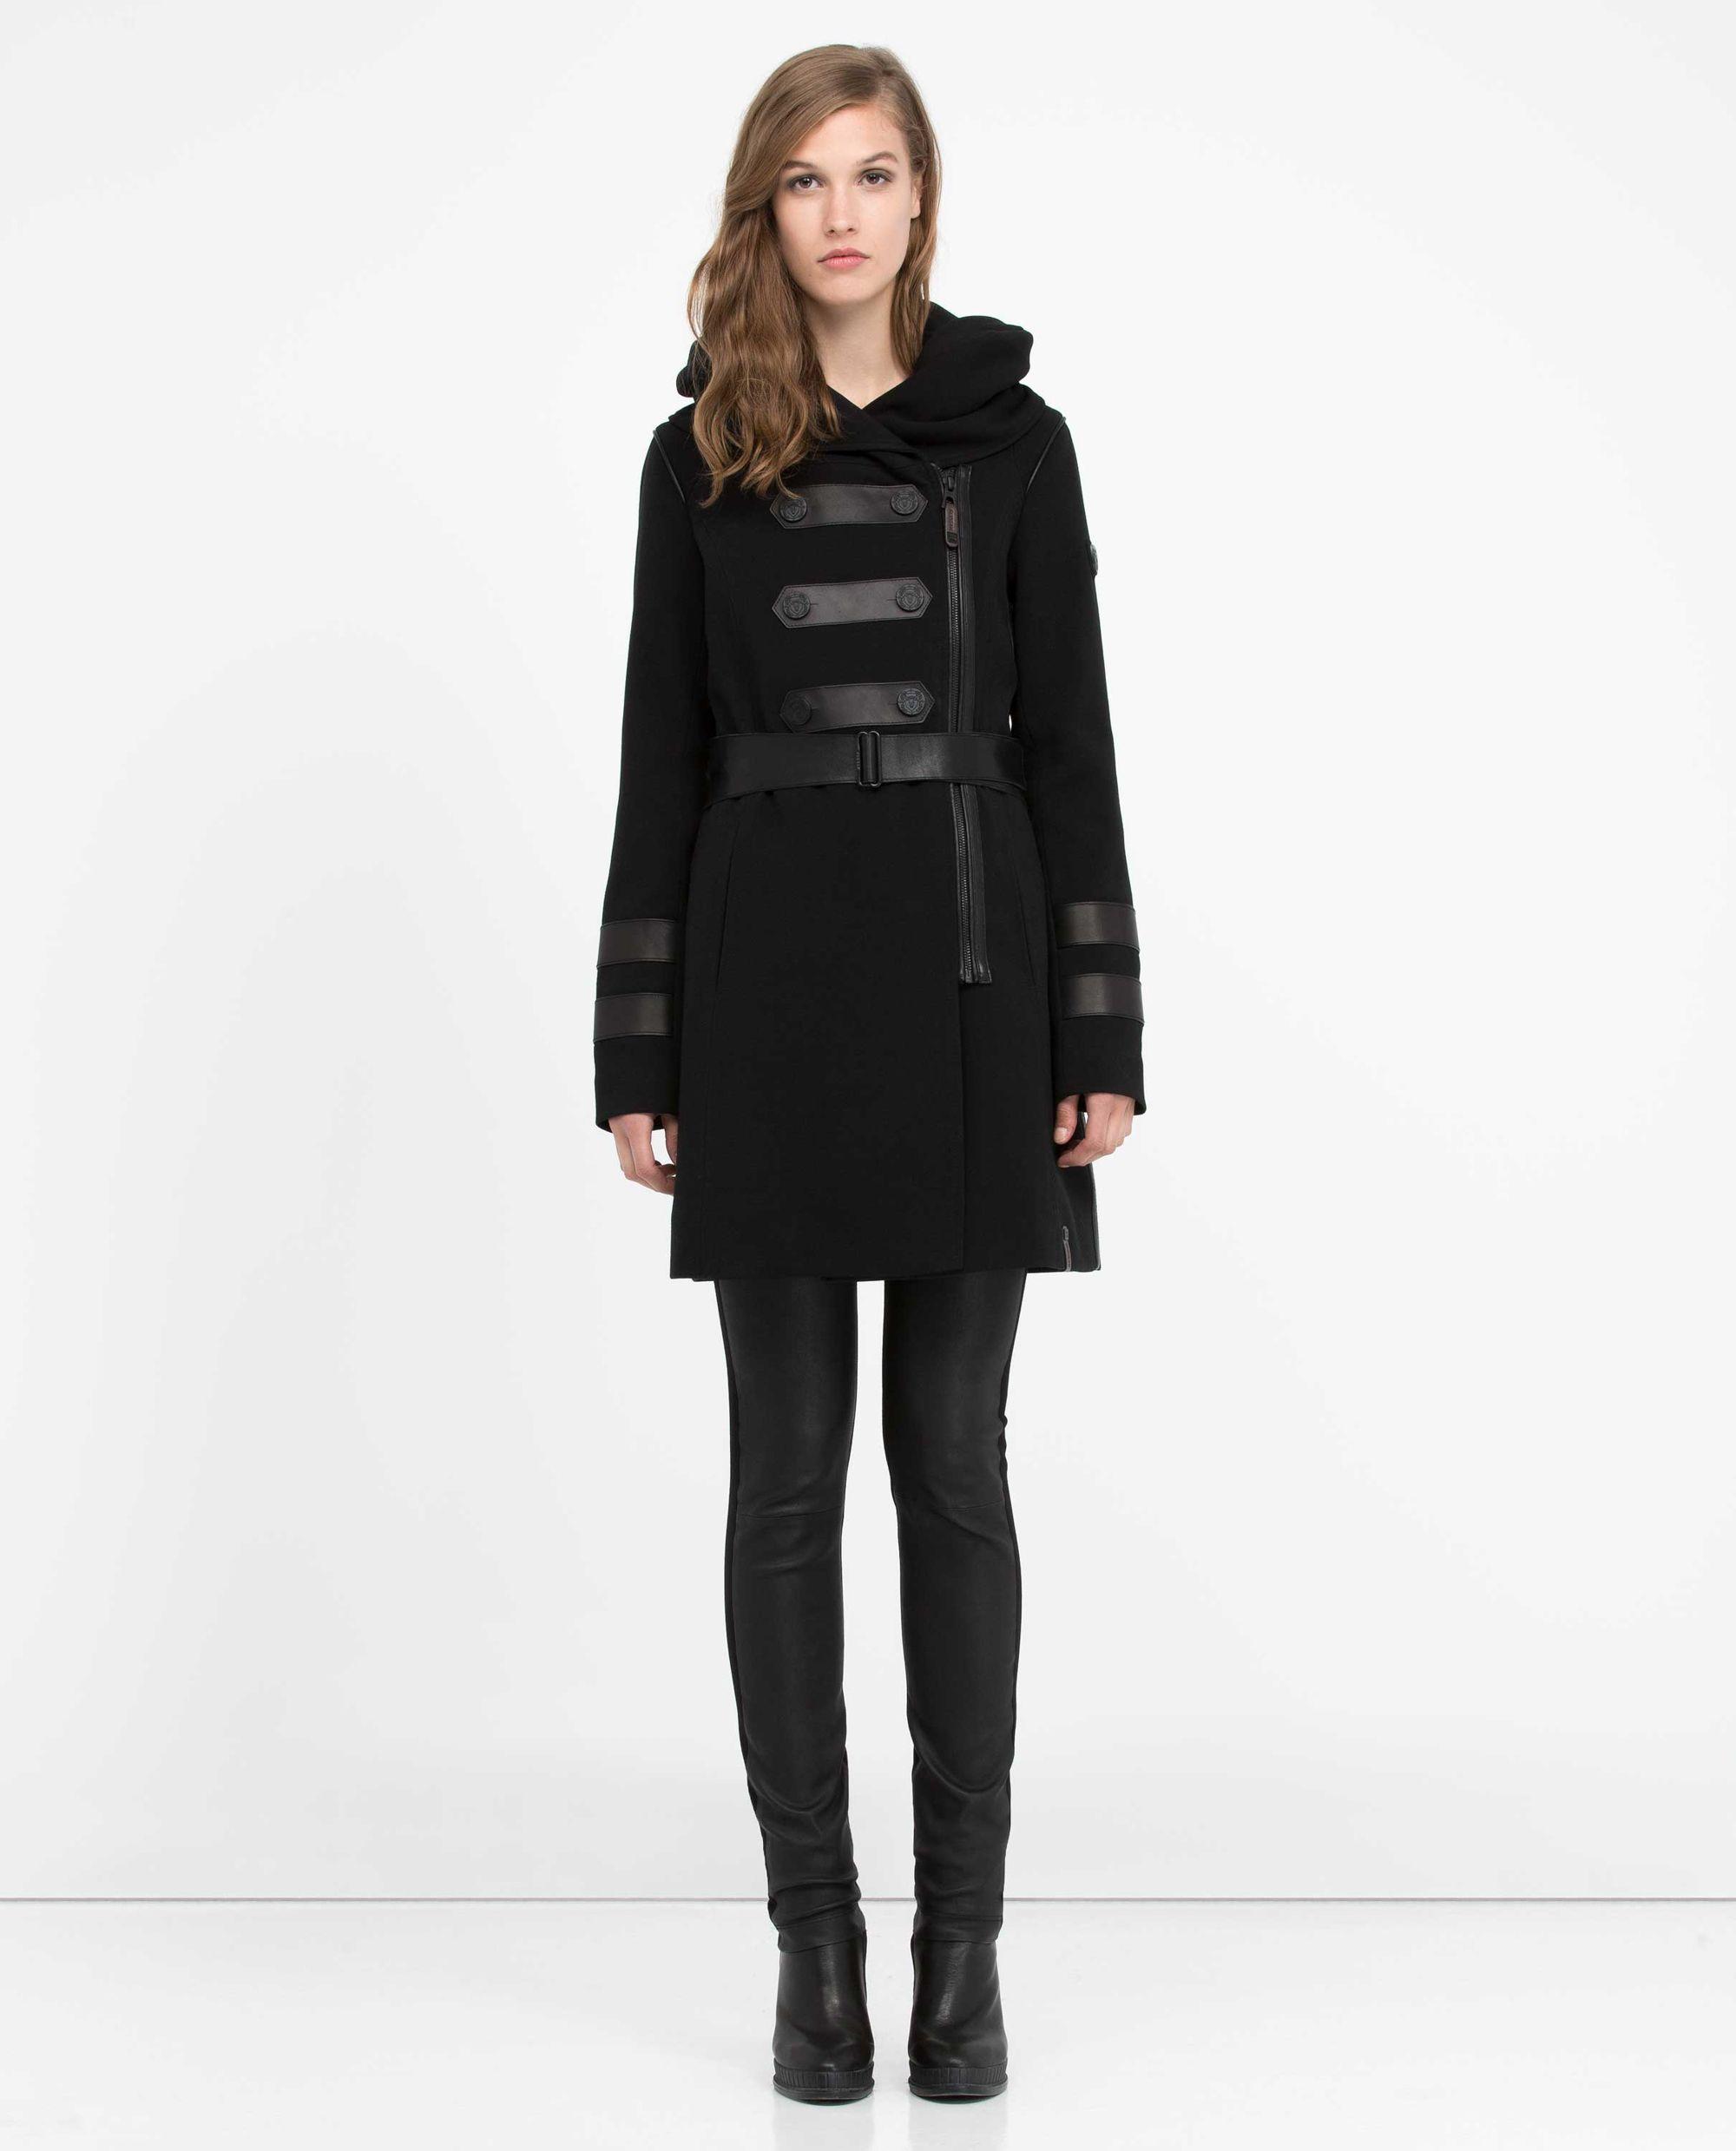 manteau, rudsak, mannequin